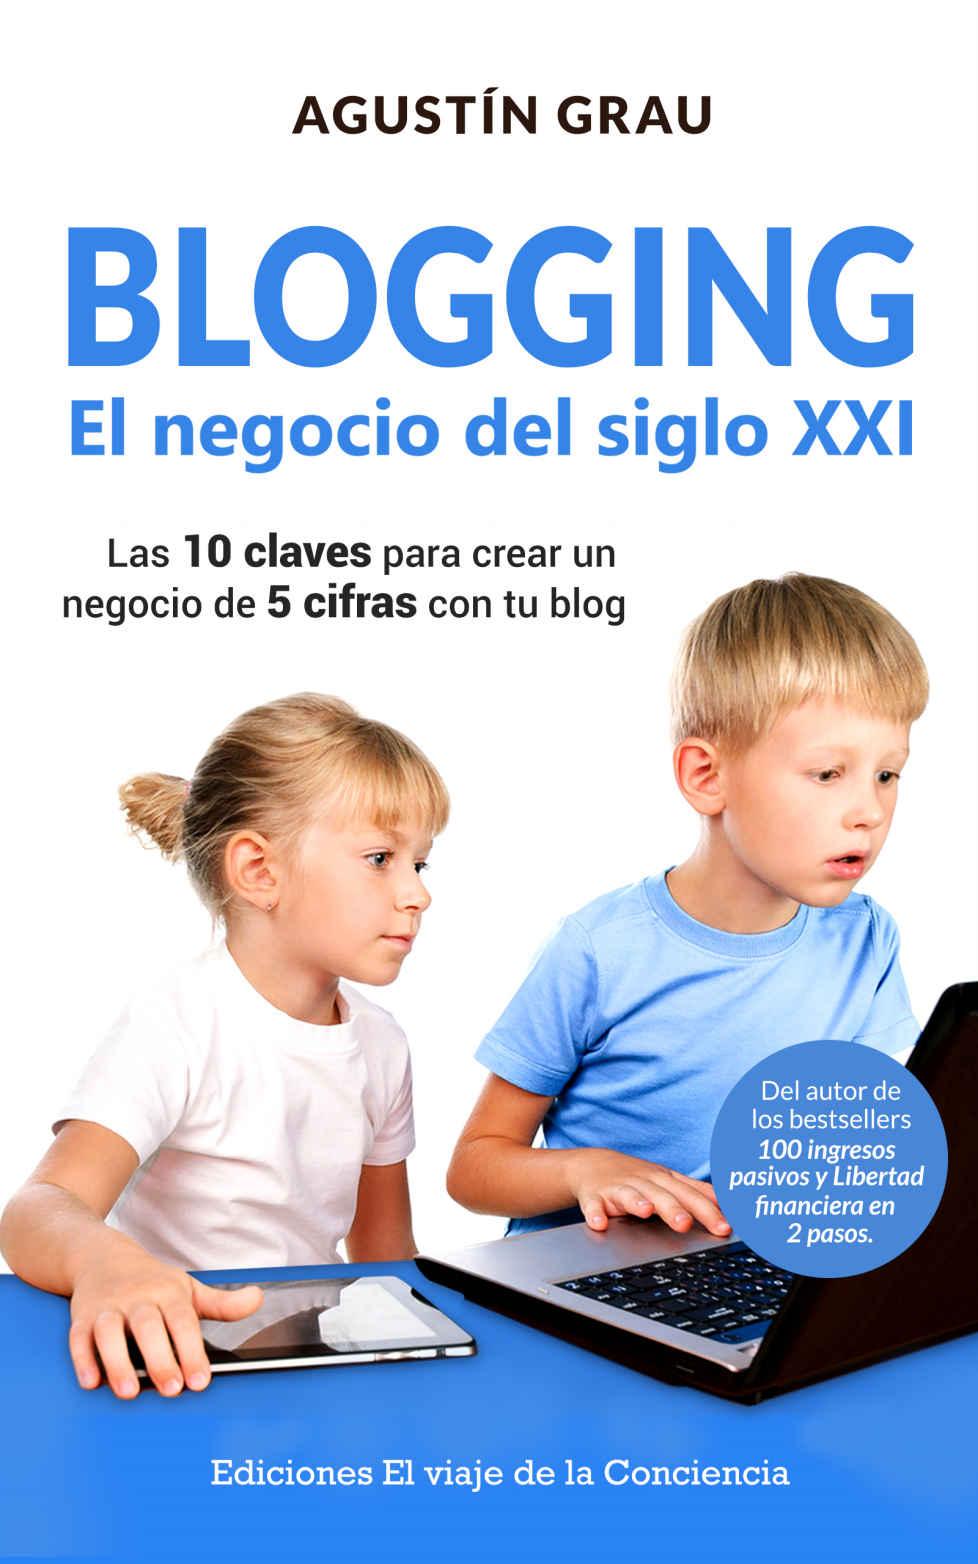 BLOGGING: EL NEGOCIO DEL SIGLO XXI: